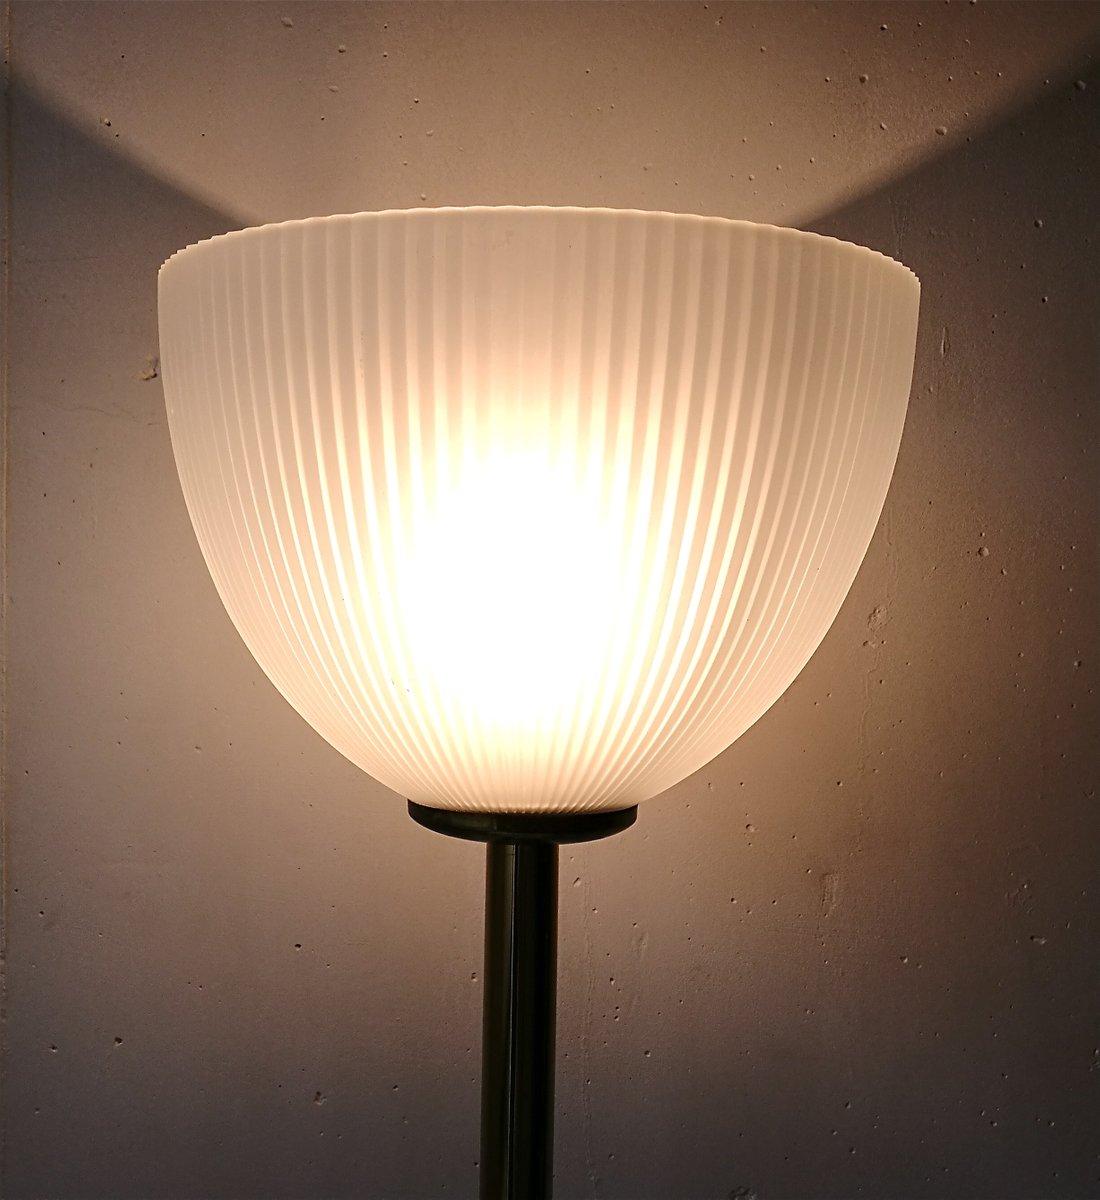 franz sische vintage stehlampe mit glasschirm 1970er bei pamono kaufen. Black Bedroom Furniture Sets. Home Design Ideas